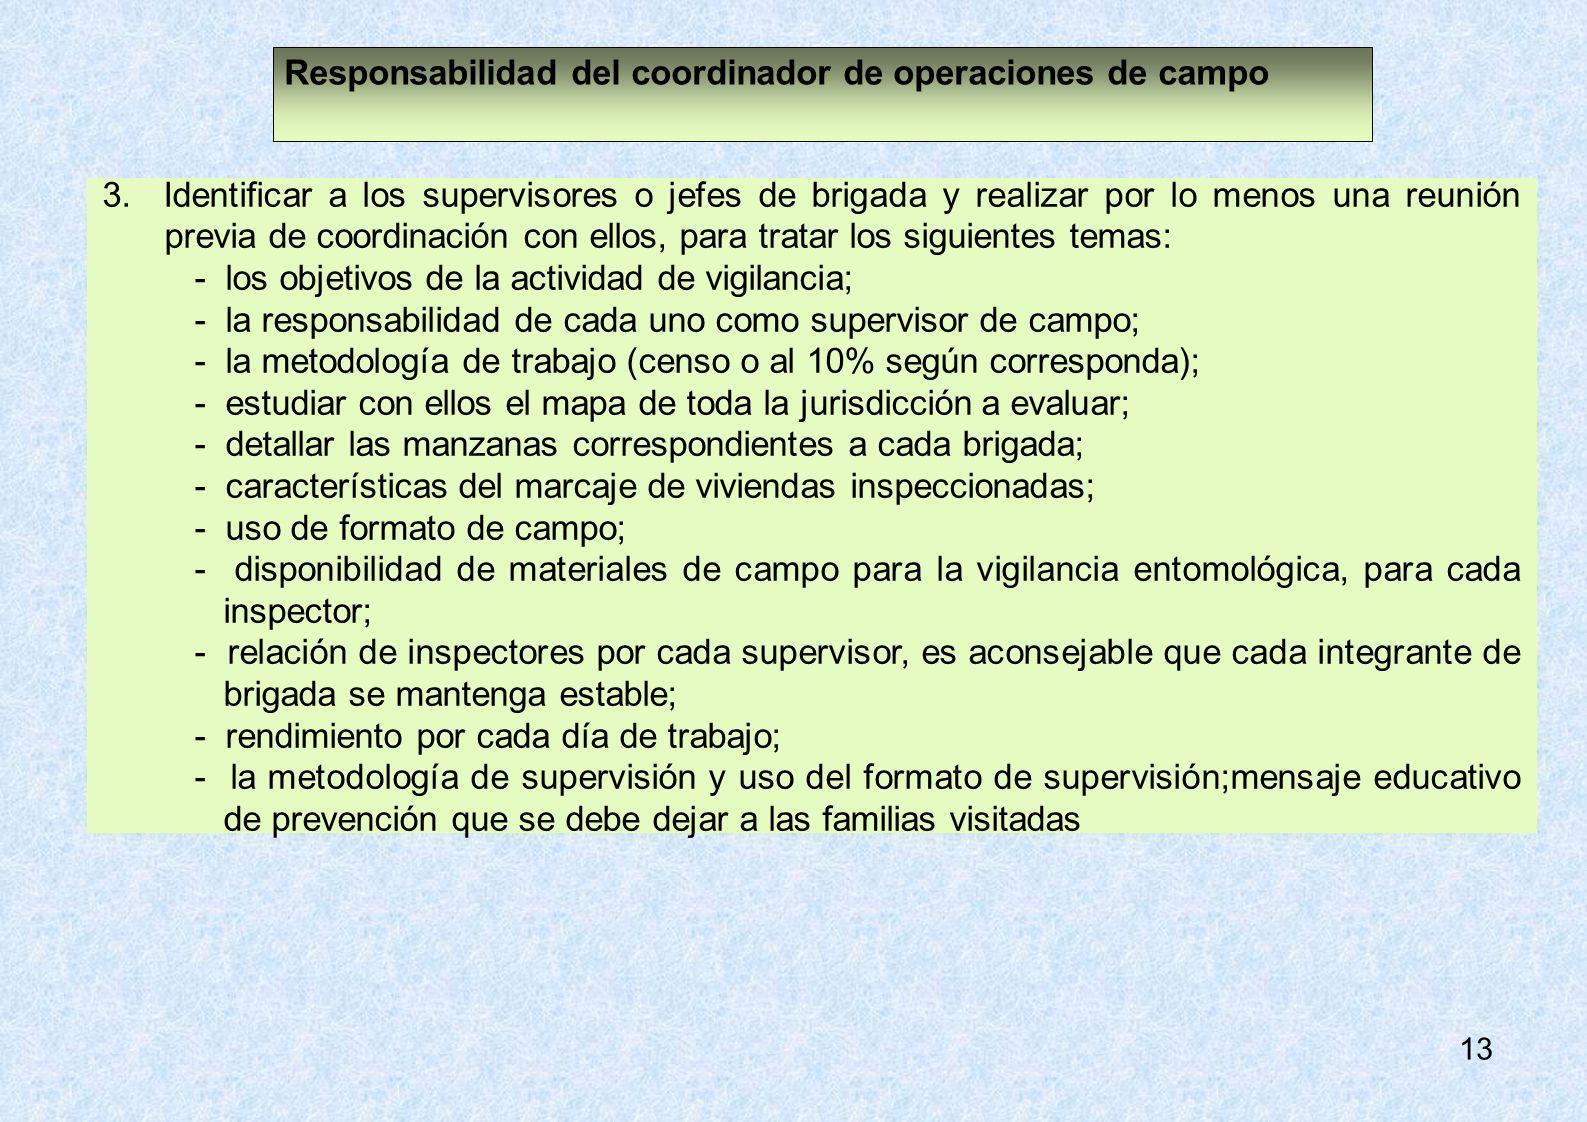 Responsabilidad del coordinador de operaciones de campo